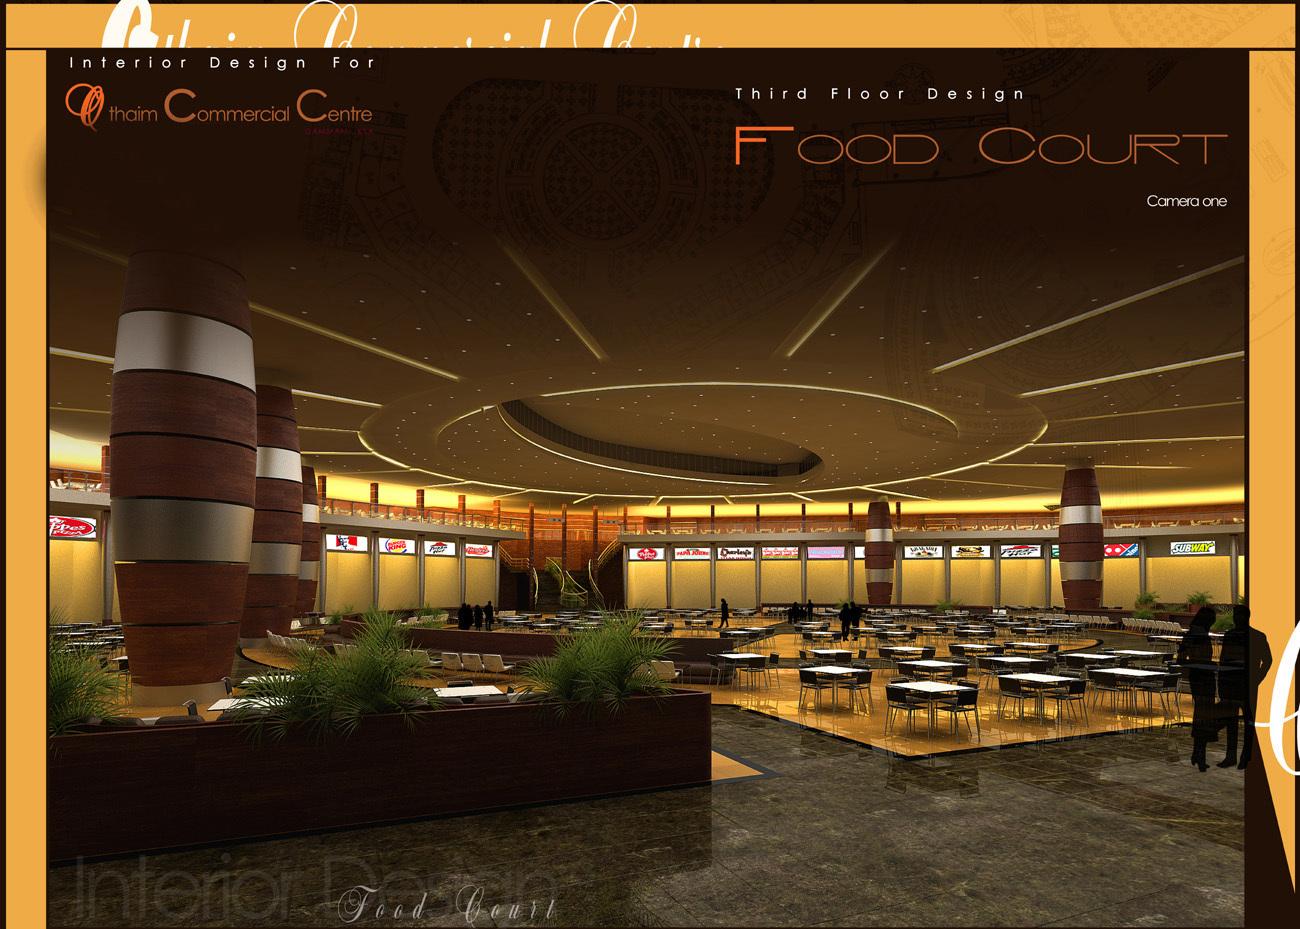 Shdesigner food court 1 9c8b8501 qr89